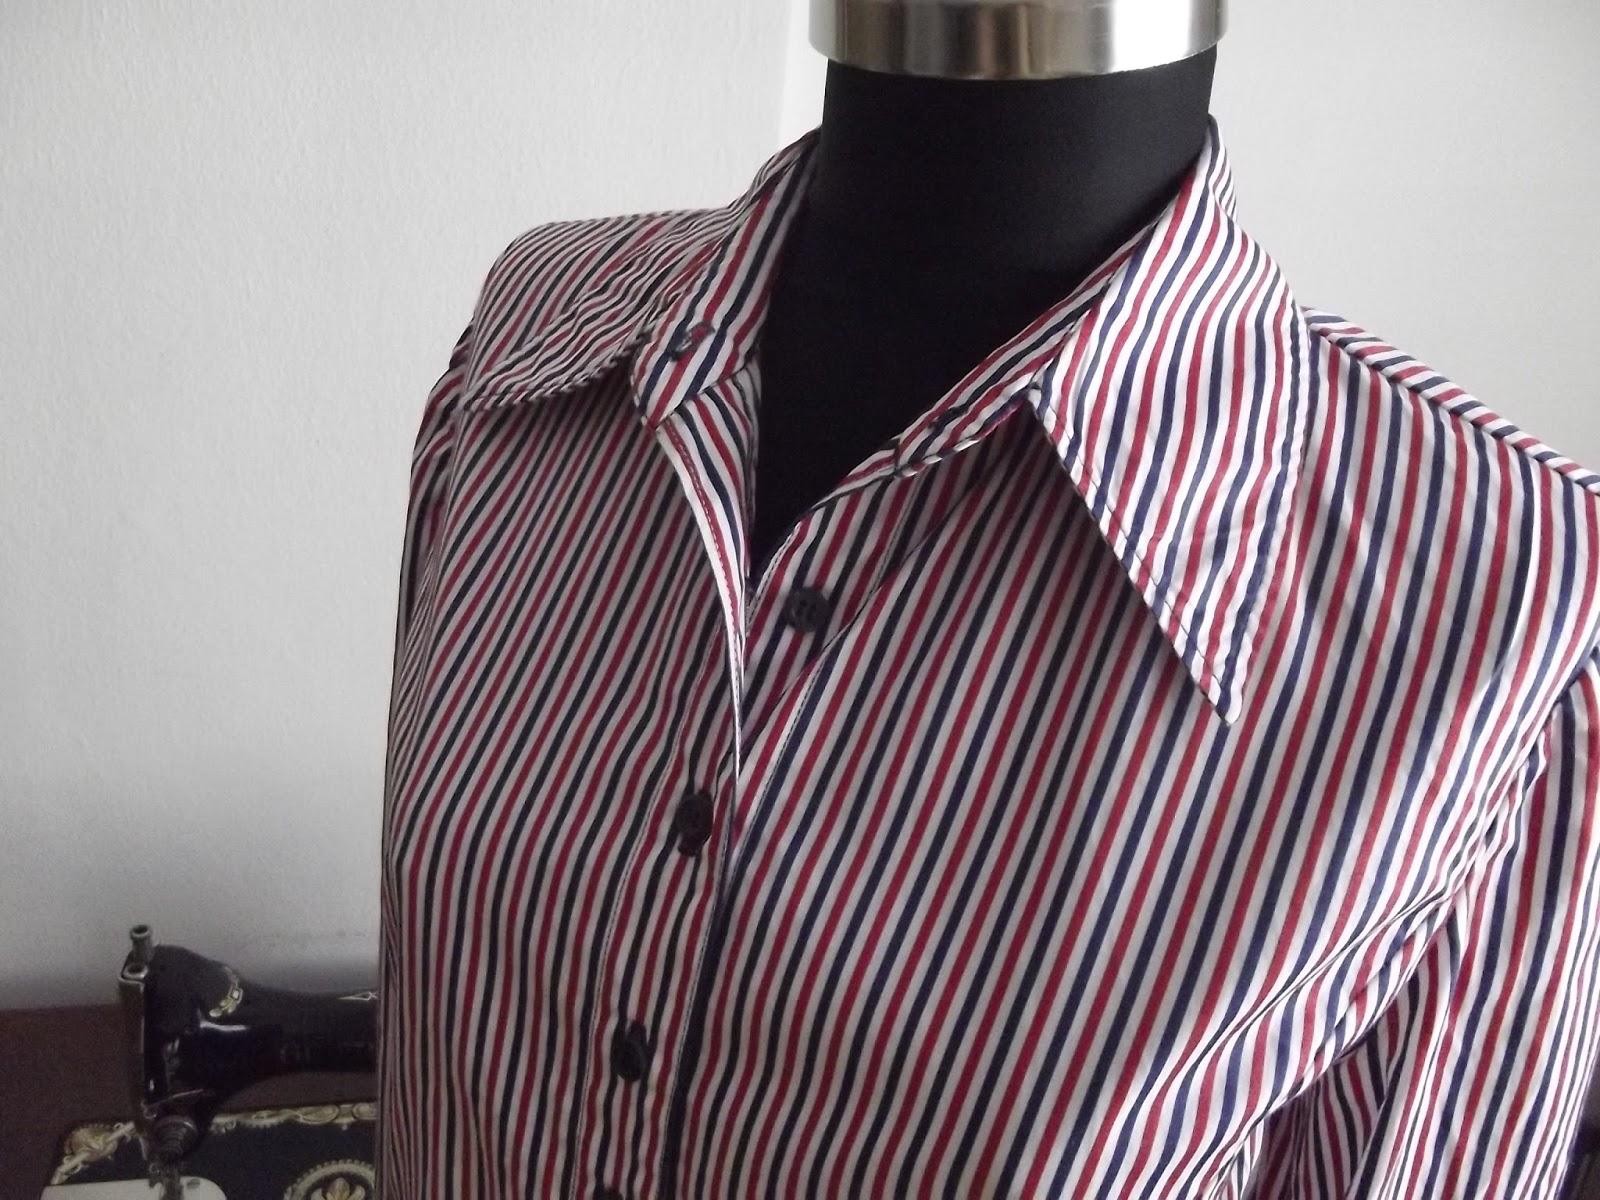 çizgili bayan gömleği